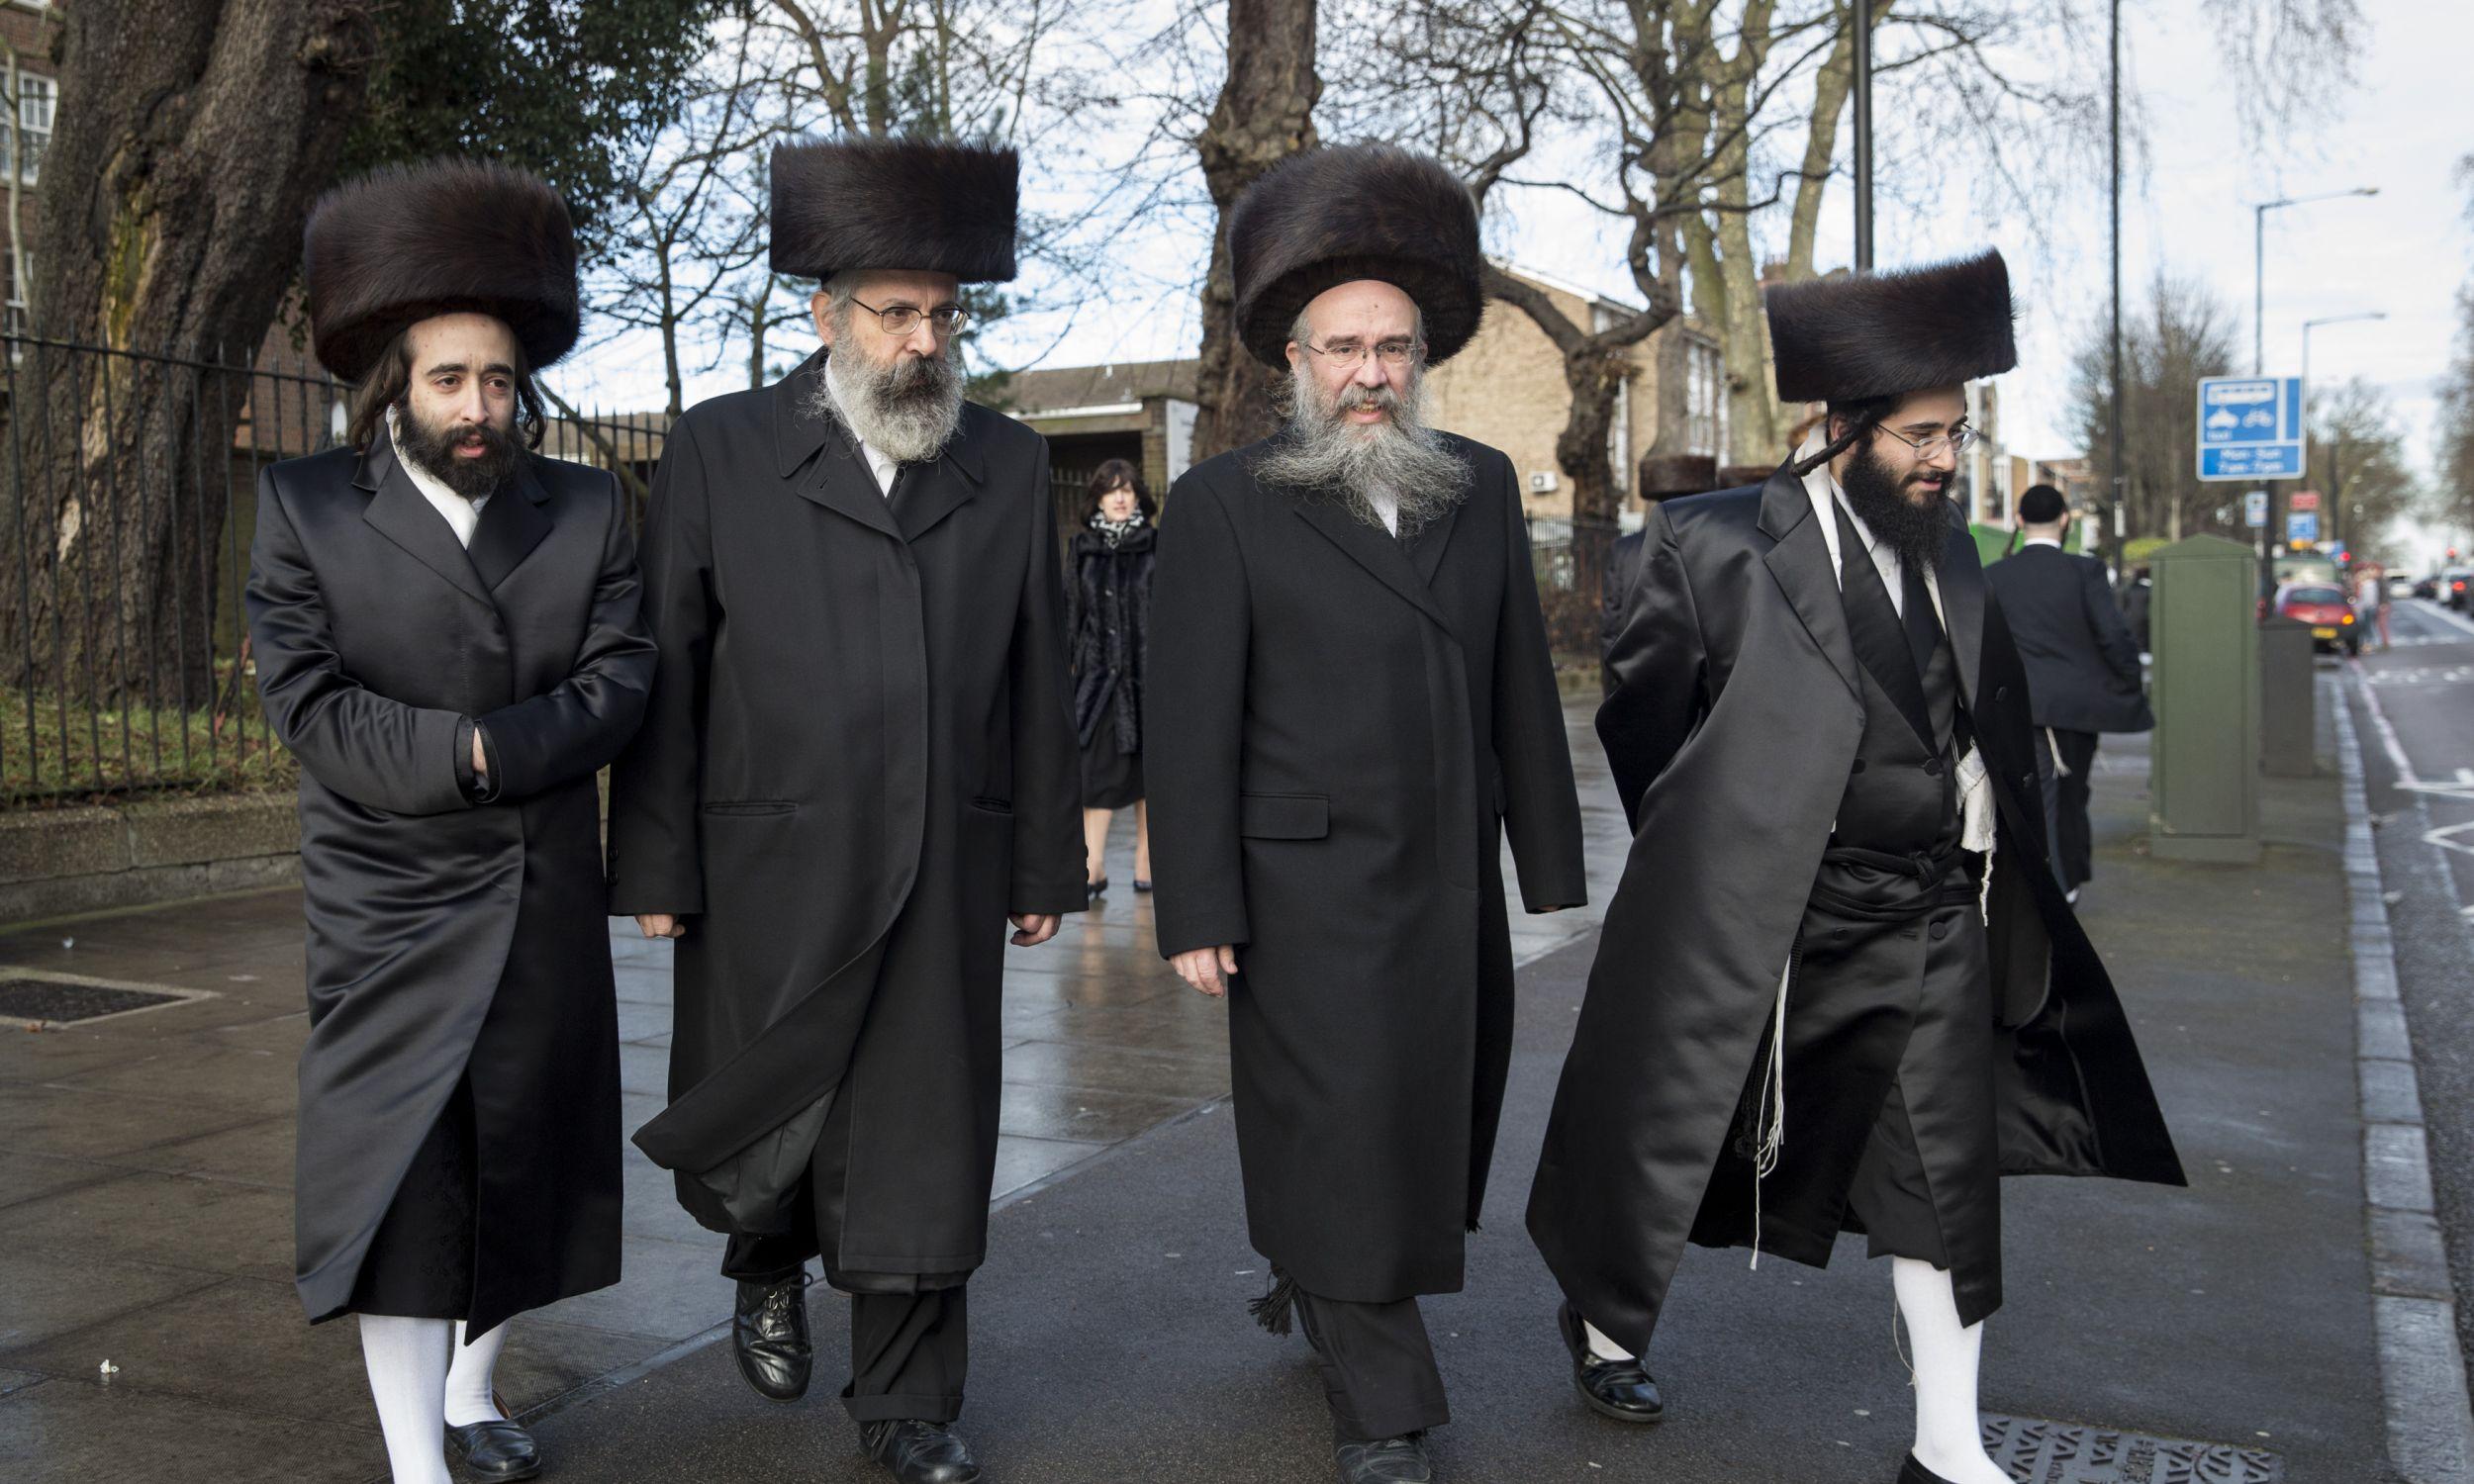 (15) Żydzi w dzielnicy Stamford Hill, 17 stycznia 2015 r. w Londynie. W odpowiedzi na ataki paryskie, brytyjska policja w tym czasie ogłosiła, że zwiększy liczbę patroli tam, gdzie są duże społeczności żydowskie, czyli w miastach takich jak Londyn i Manchester. Na Stamford Hill żyje duża chasydzka społeczność – poza Izraelem tylko Nowy Jork ma większą populację chasydów. Fot. Rob Stothard / Getty Images